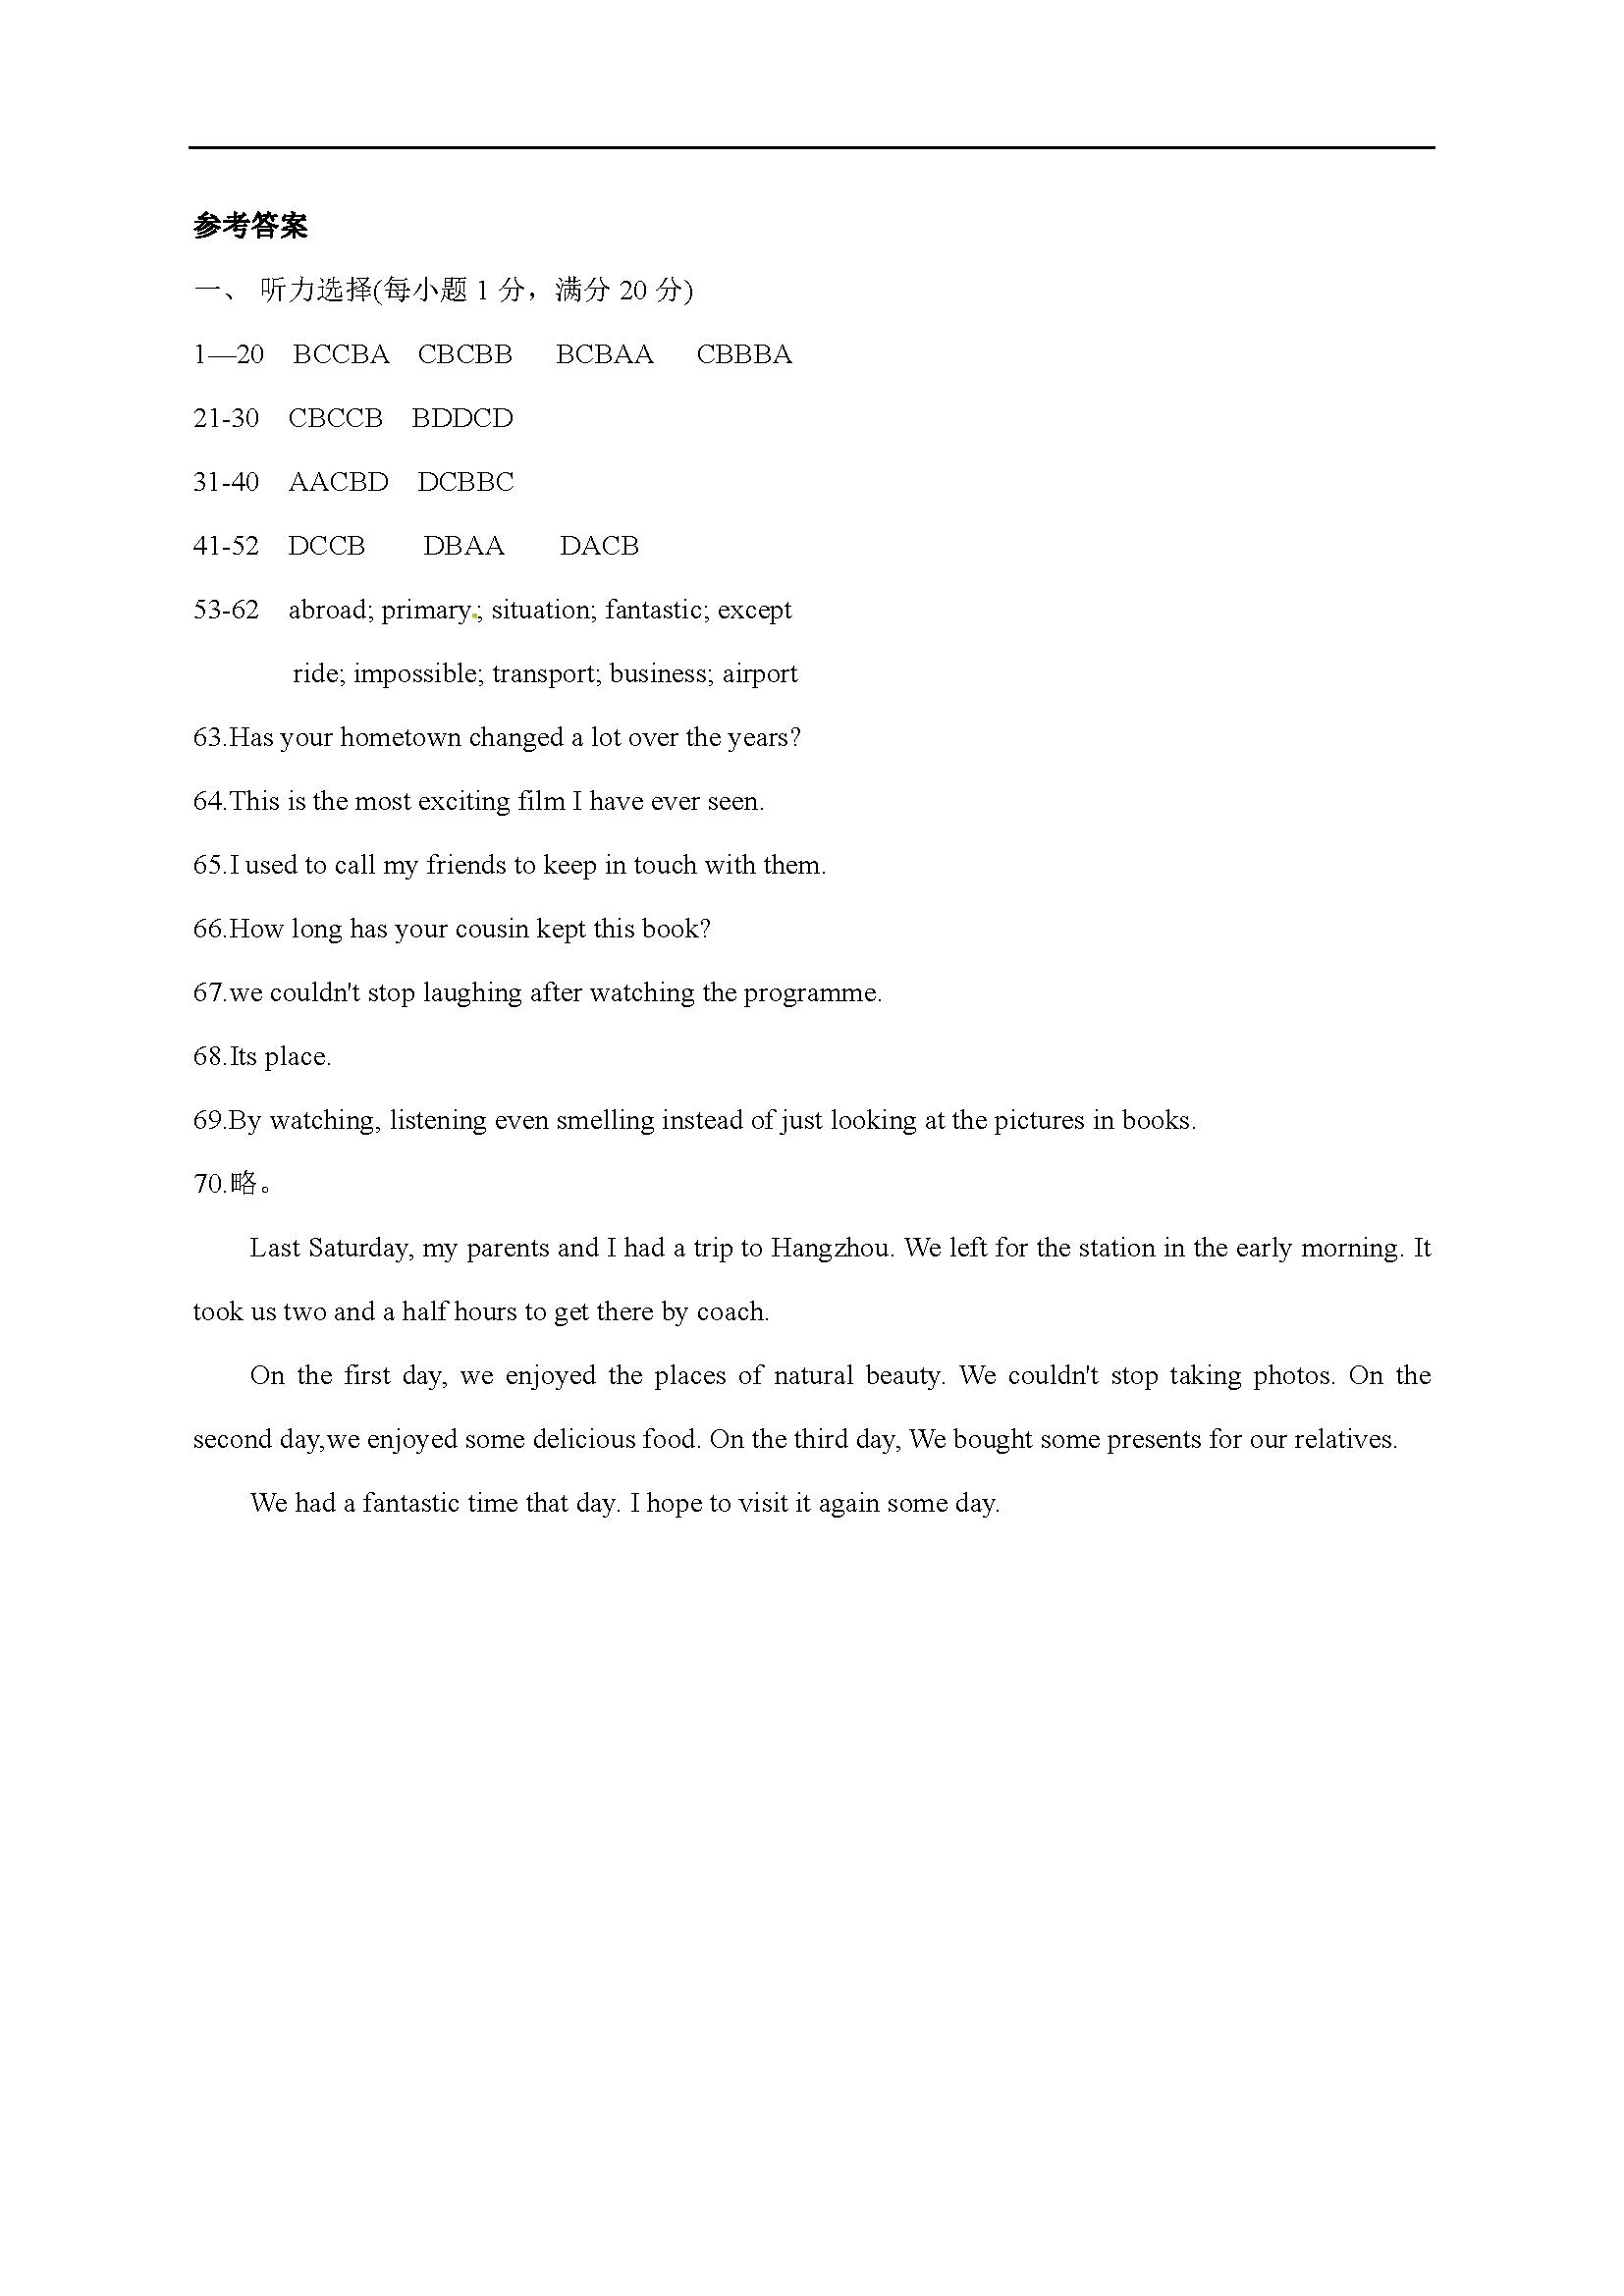 江苏苏州高新区第二中学2016-2017八年级下自主检测一英语试题答案(图片版)